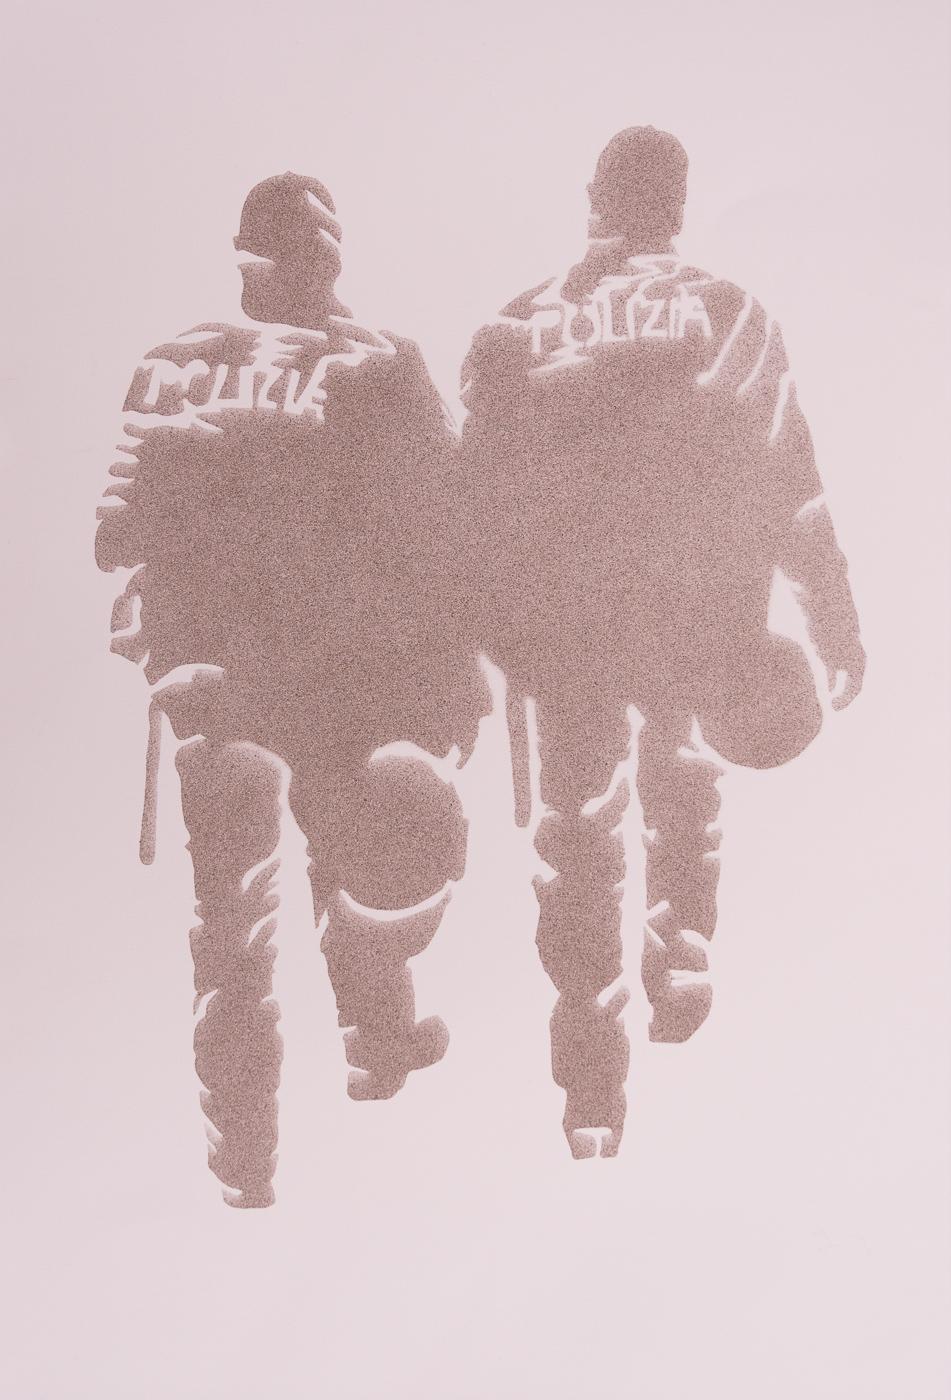 Polizia [ver. 6]